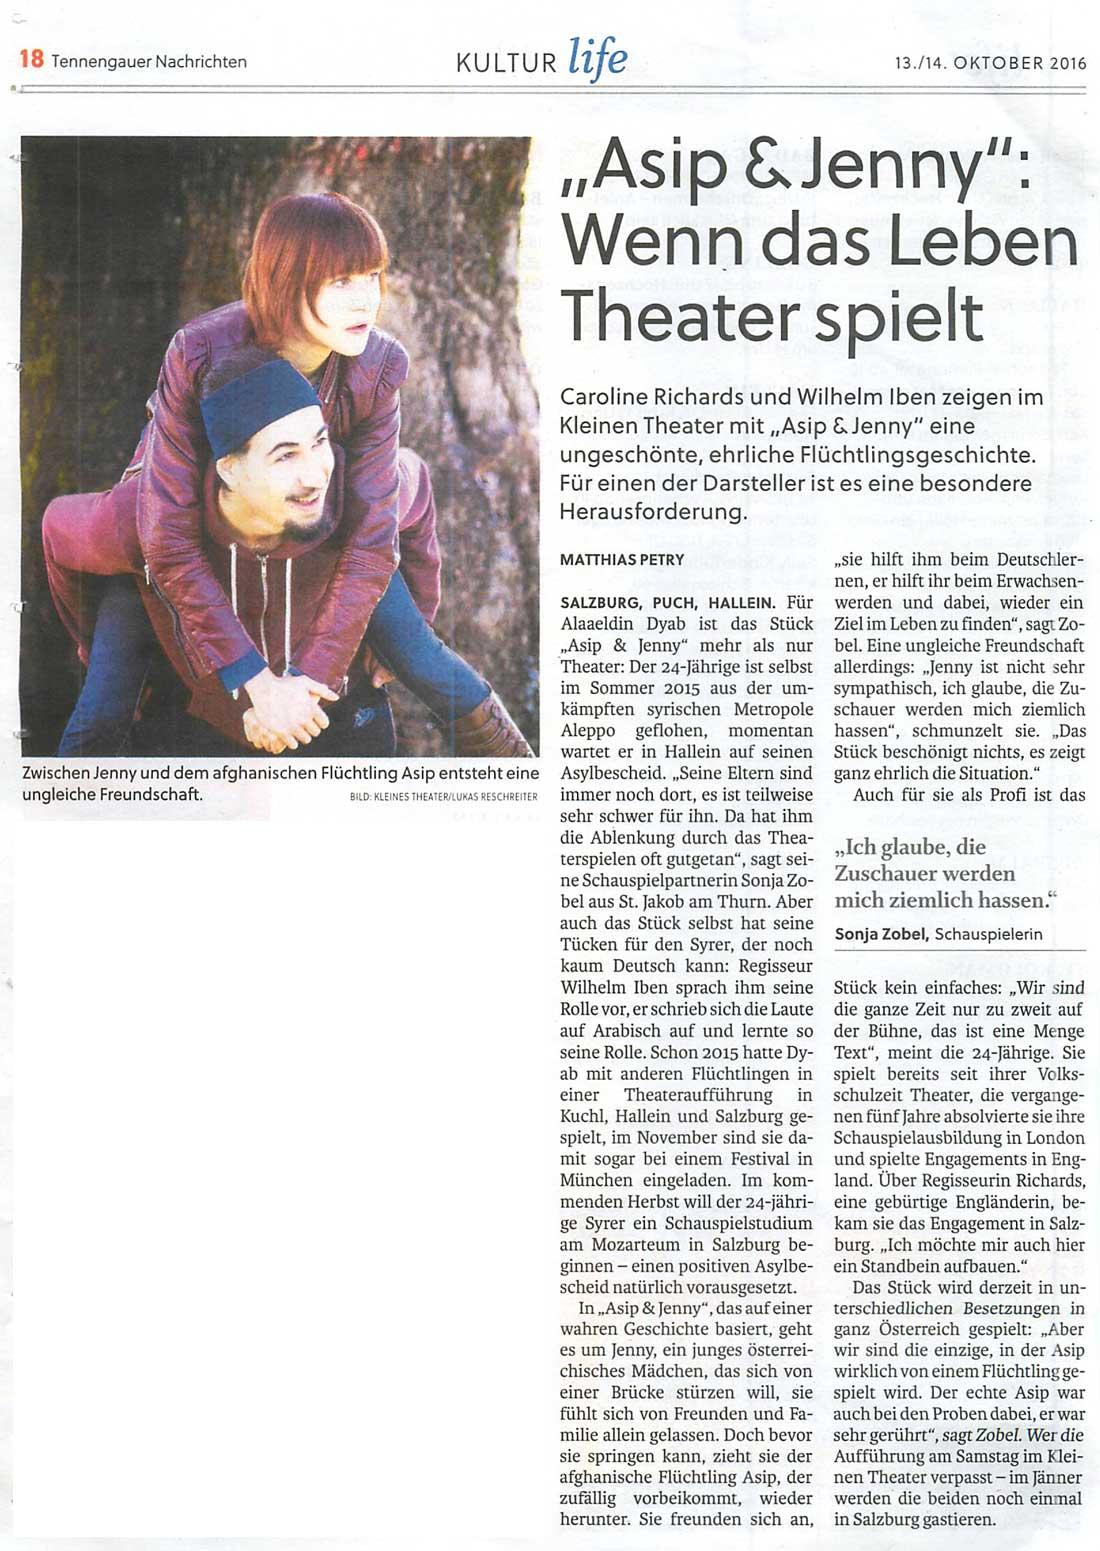 """20161013 KRI Tennengauer Nachrichten Asip und Jenny 1 - """"Asip & Jenny"""": Wenn das Leben Theater spielt - Tennengauer Nachrichten vom 13.10.2016"""